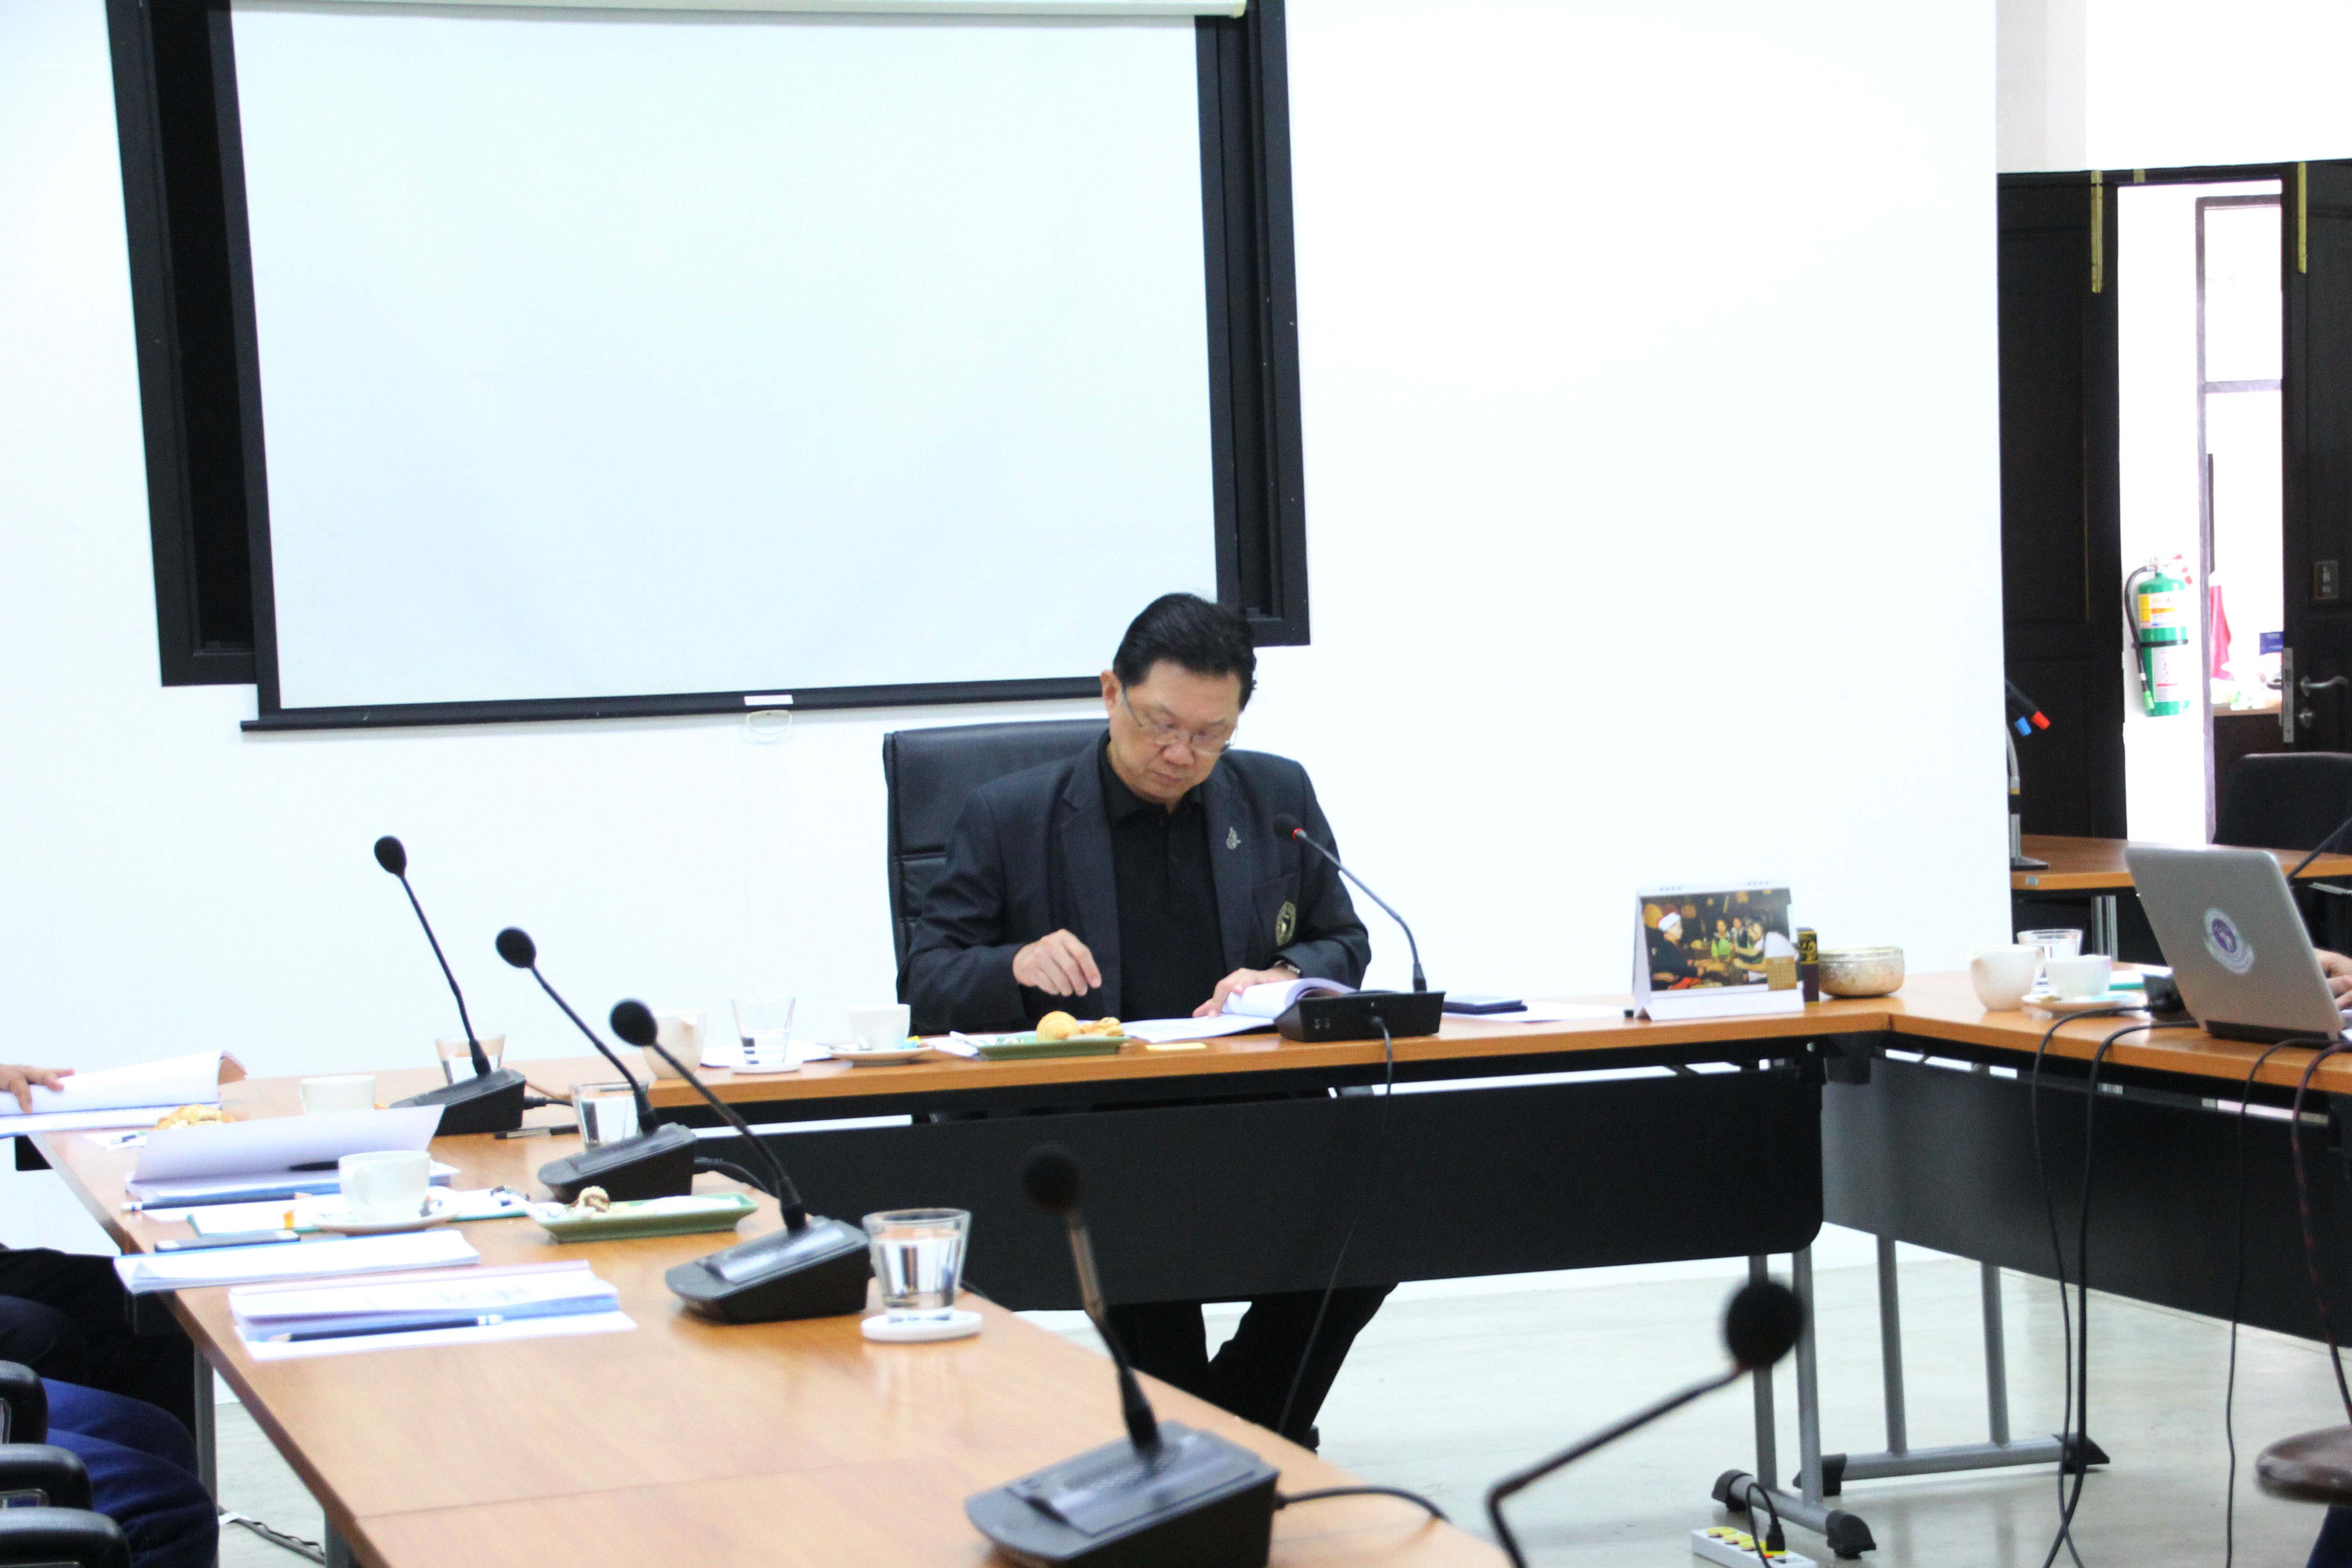 การประชุมคณะกรรมการอำนวยการประจำสำนักส่งเสริมศิลปวัฒนธรรม ครั้งที่ 1/2560